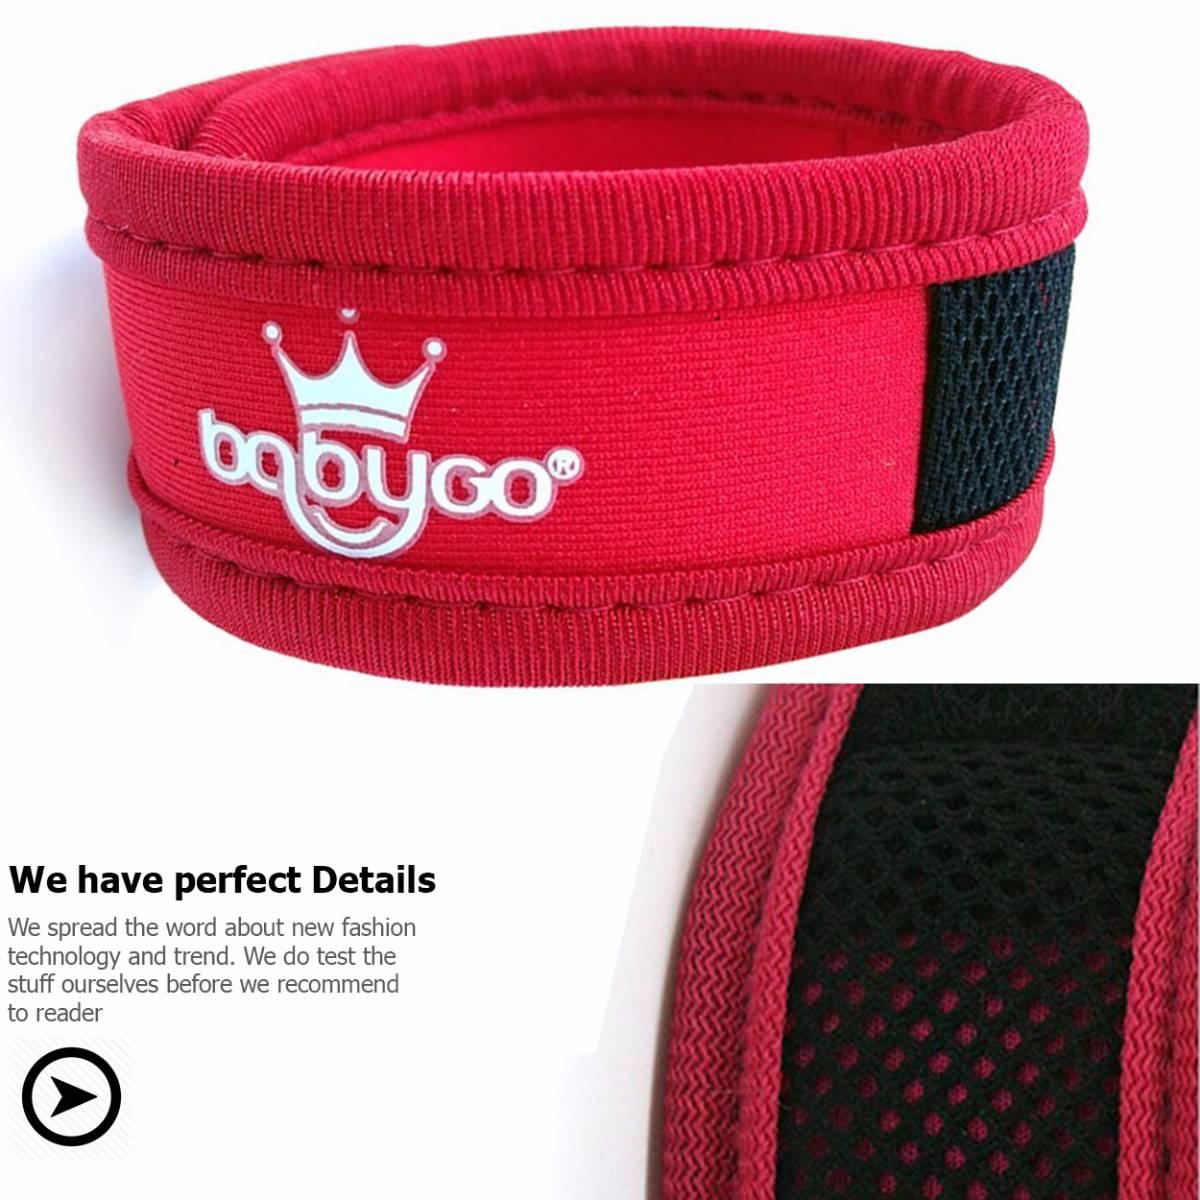 Babygo Neoprene Mosquito Repellent Wristband Red (gelang Anti Nyamuk)1